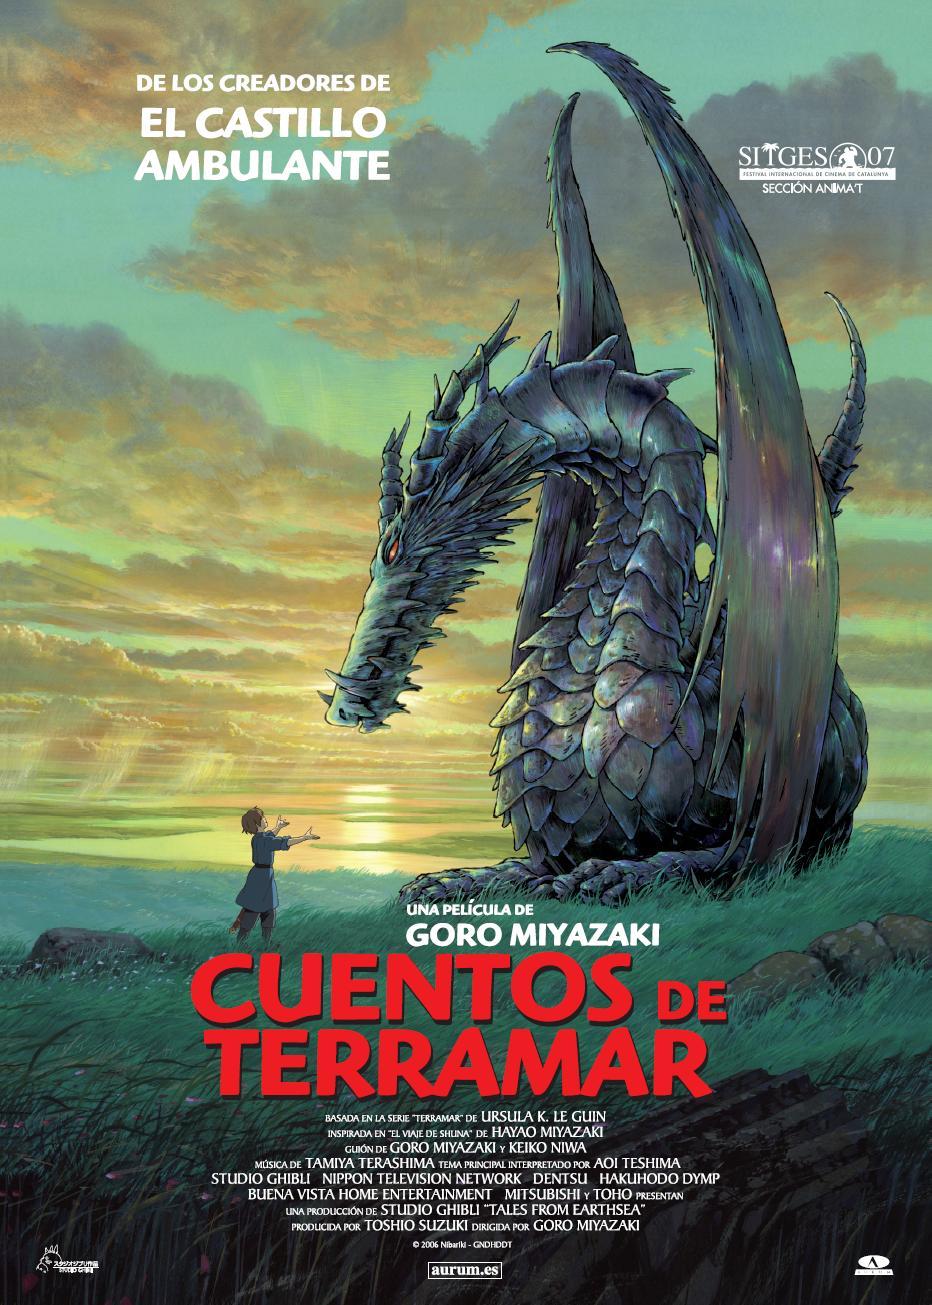 Cuentos de Terramar (2006)